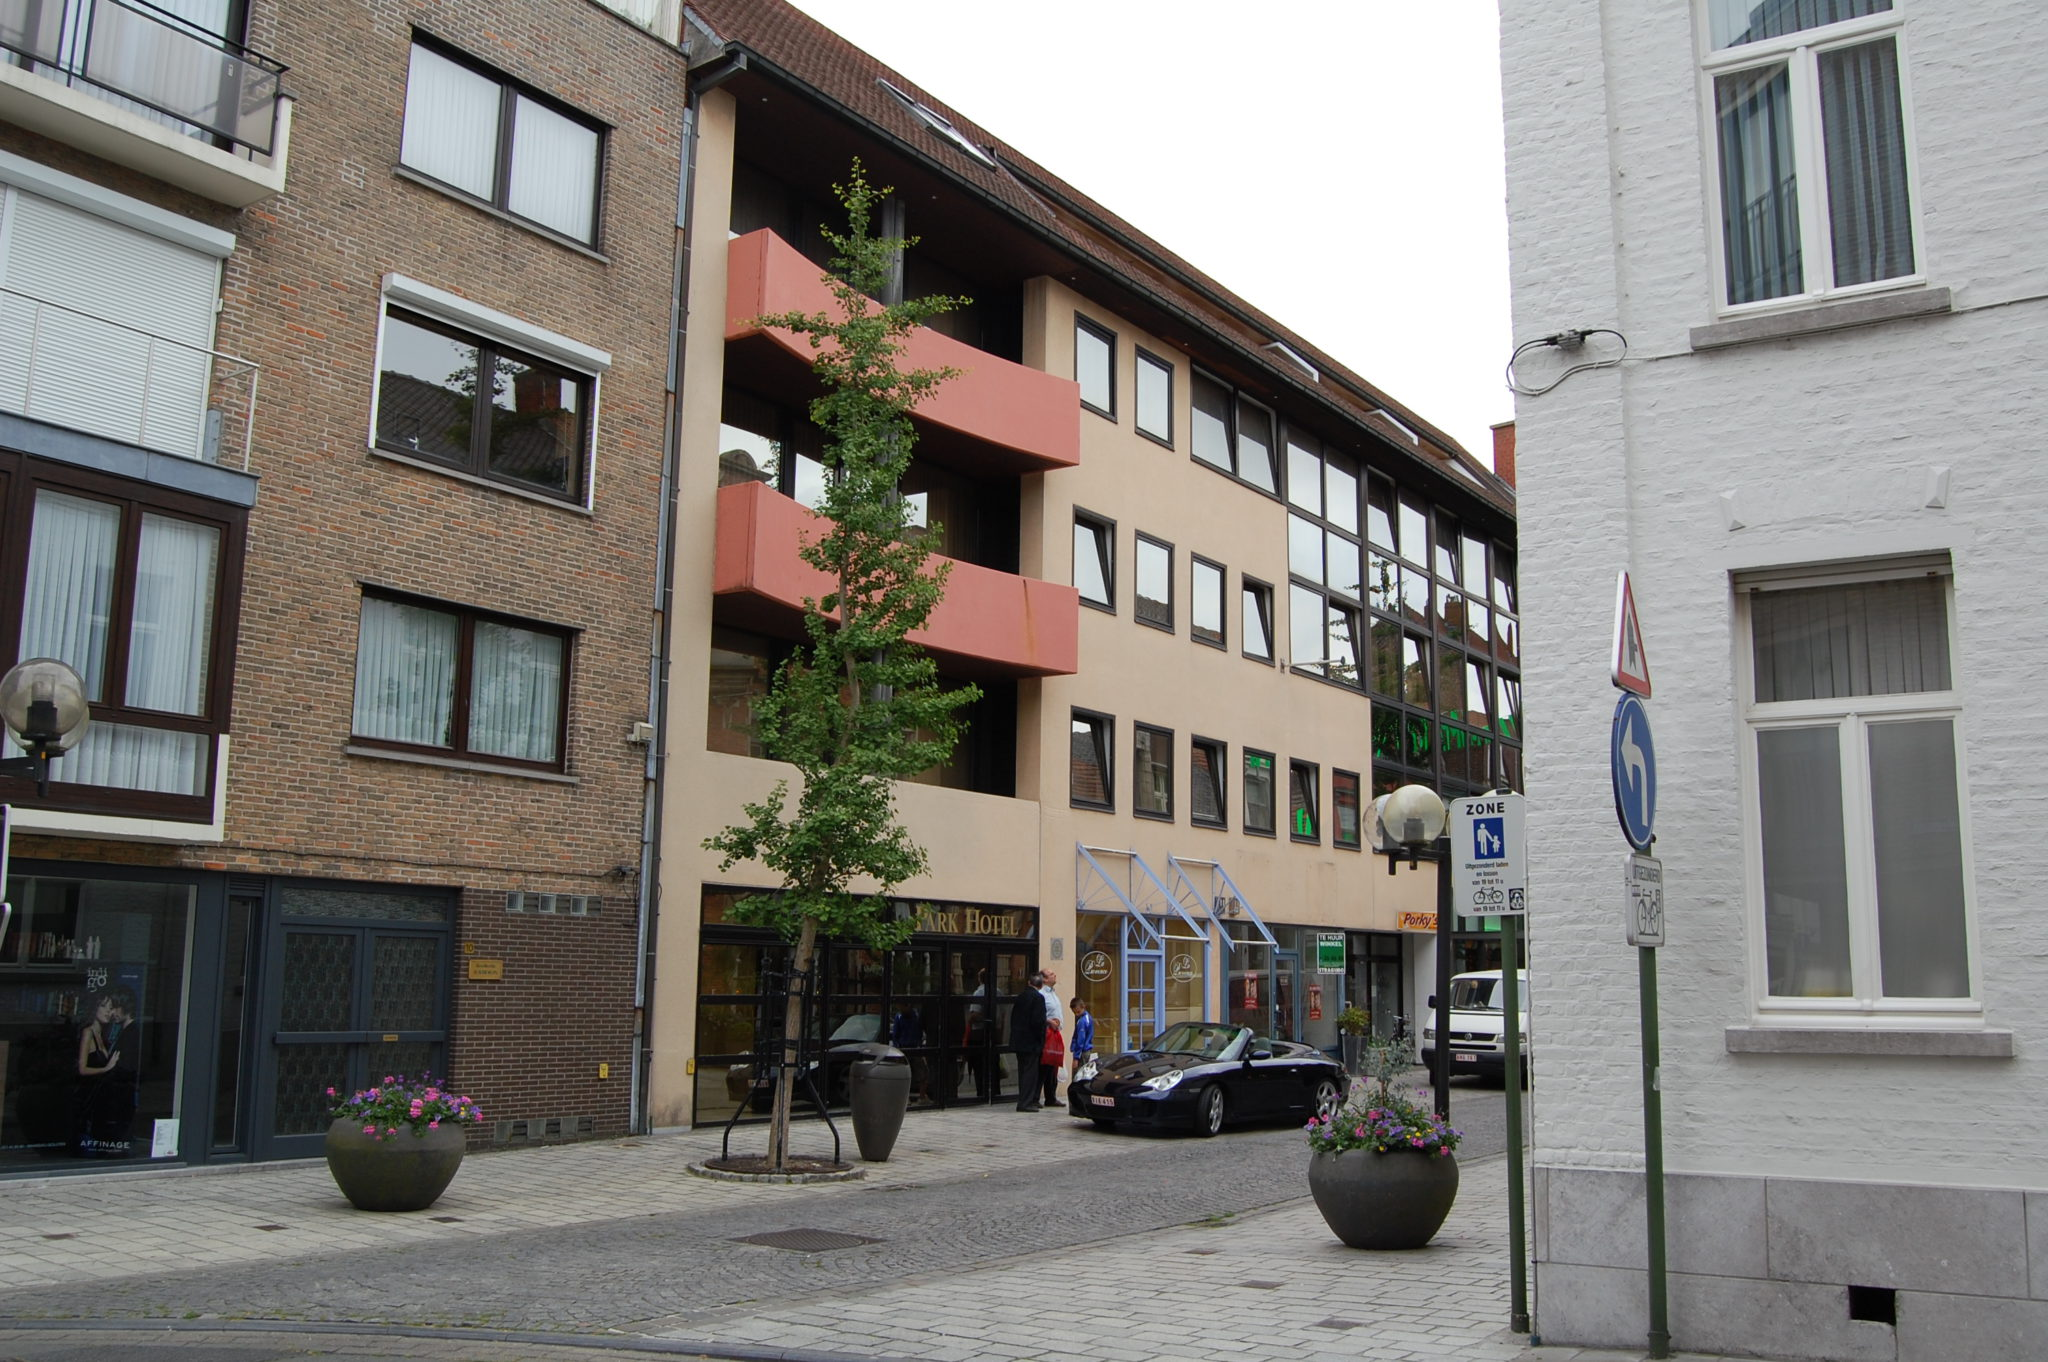 Parkhotel te Roeselare